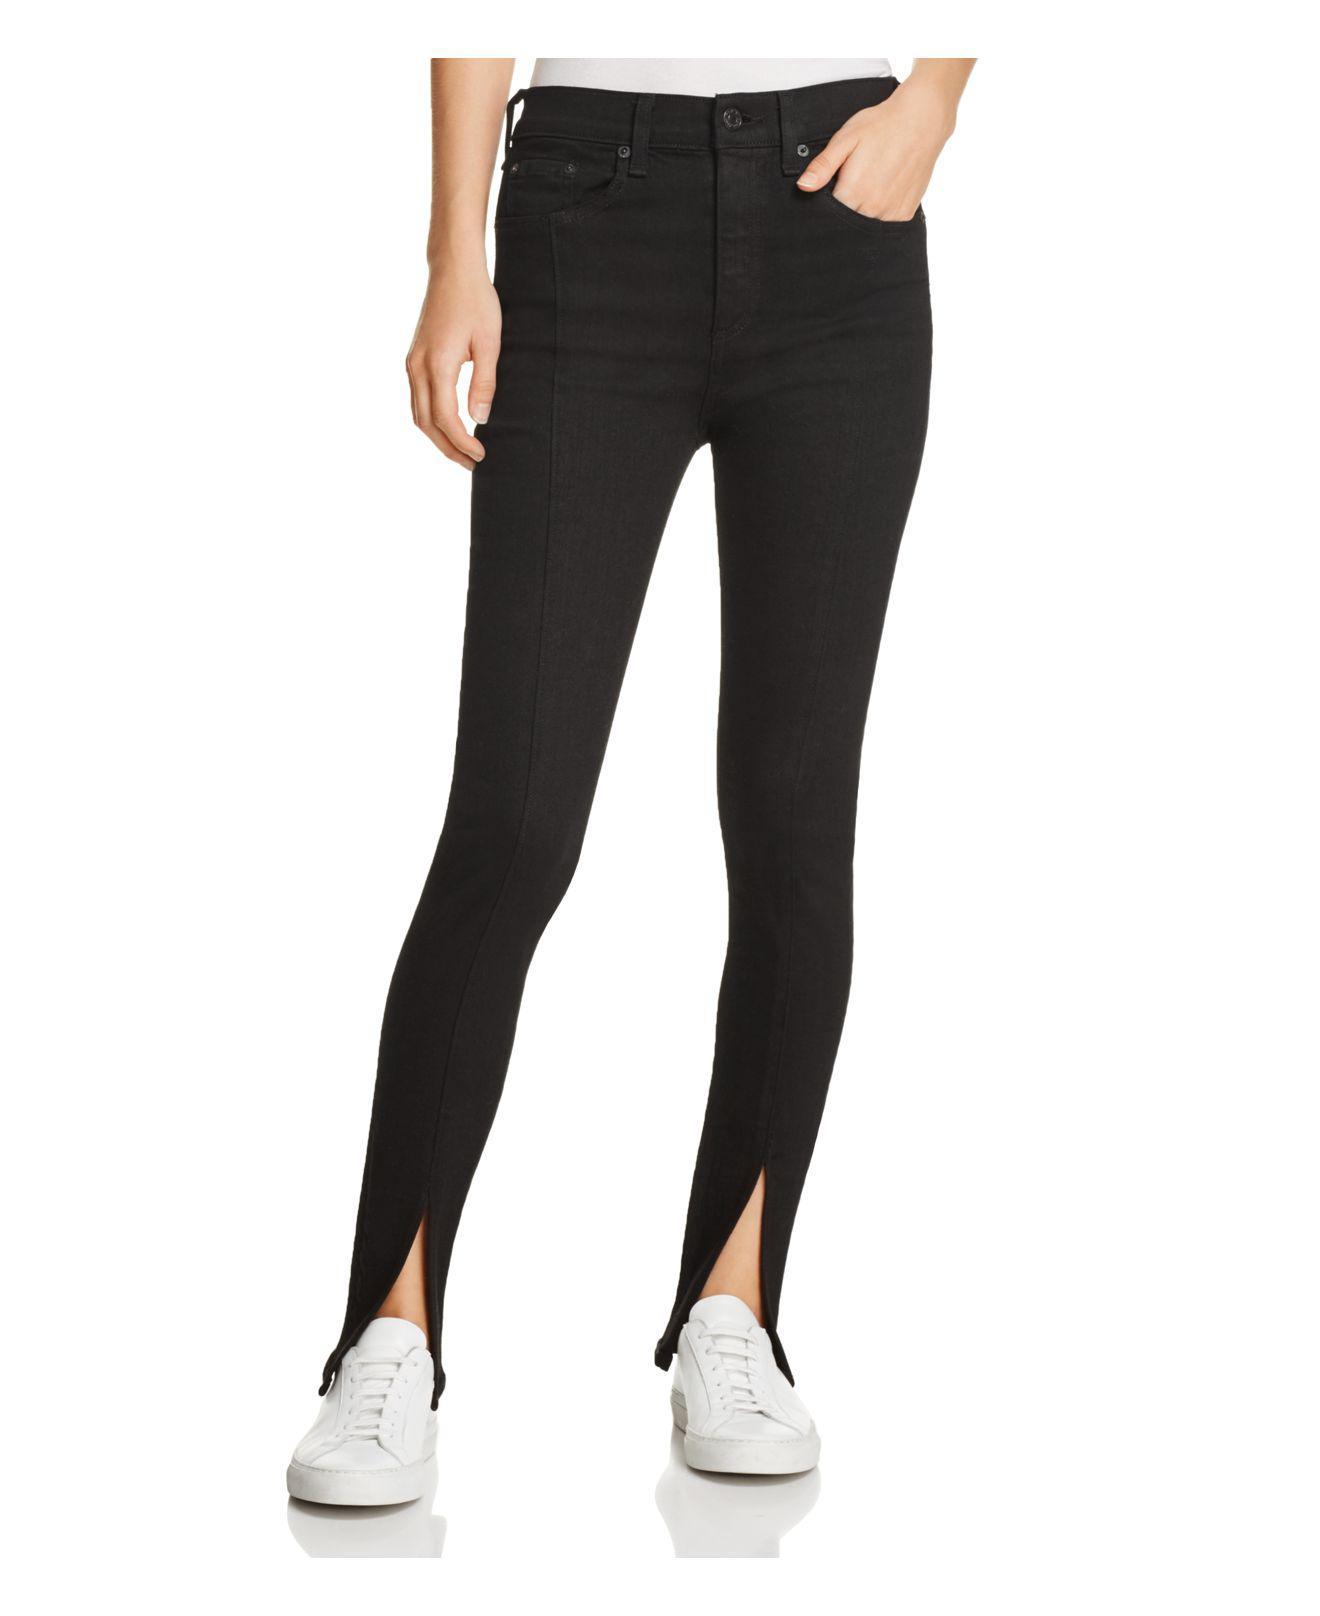 08e5a0678bcdb Rag & Bone Yuki Skinny Split-hem Jeans In Coal Bar in Black - Lyst